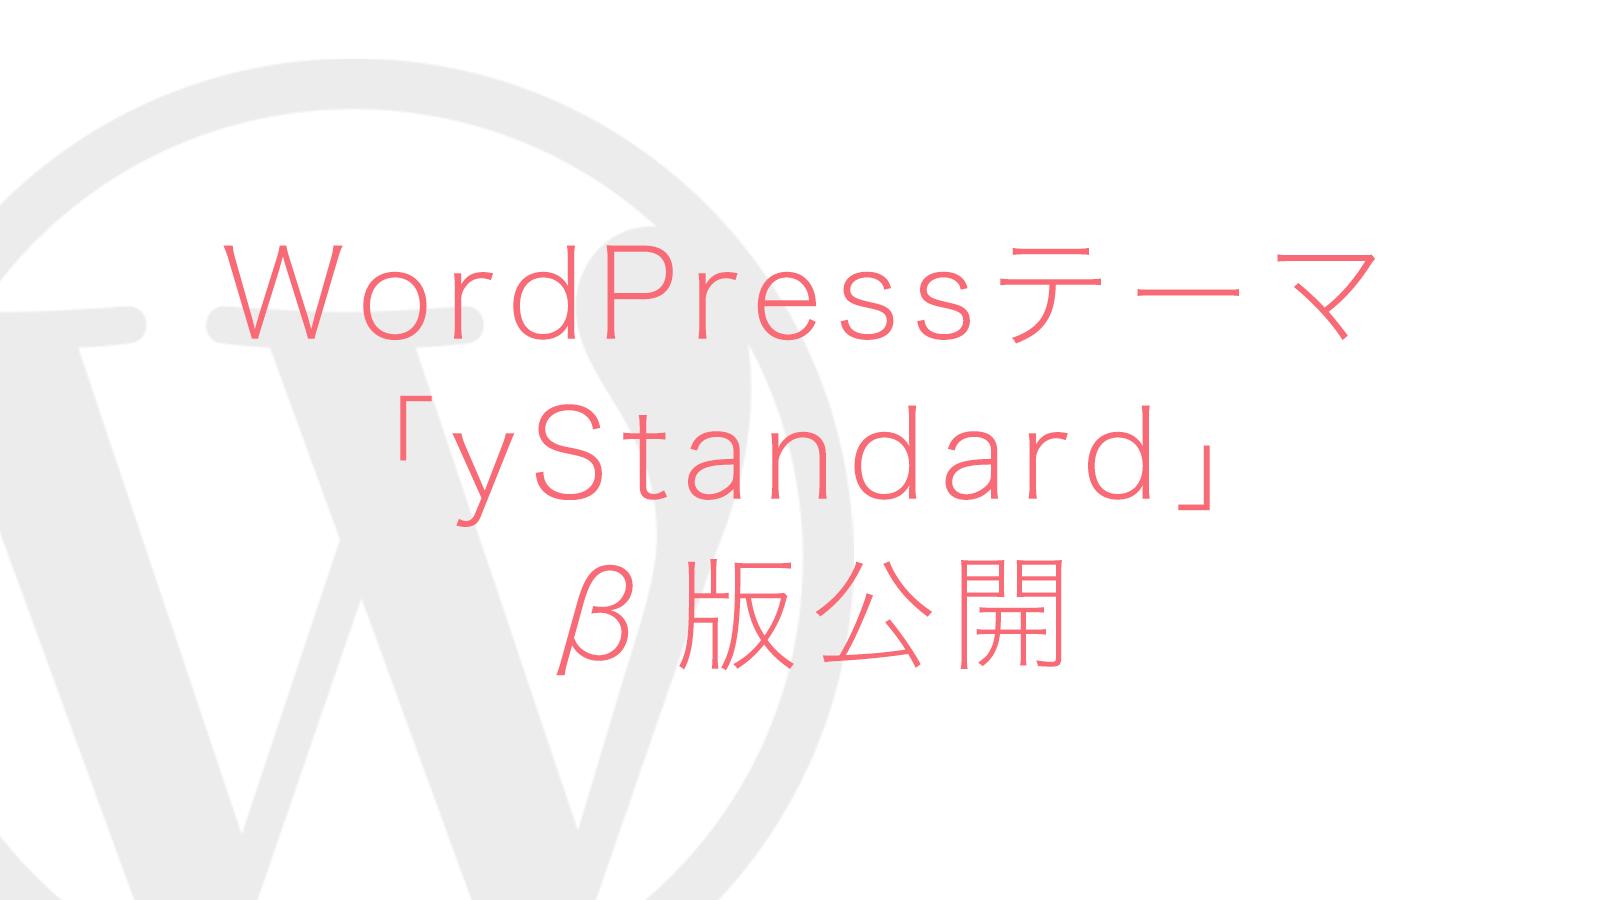 簡単に表示高速化を目指したオリジナルWordPressテーマ「yStandard」のβ版を公開しました!